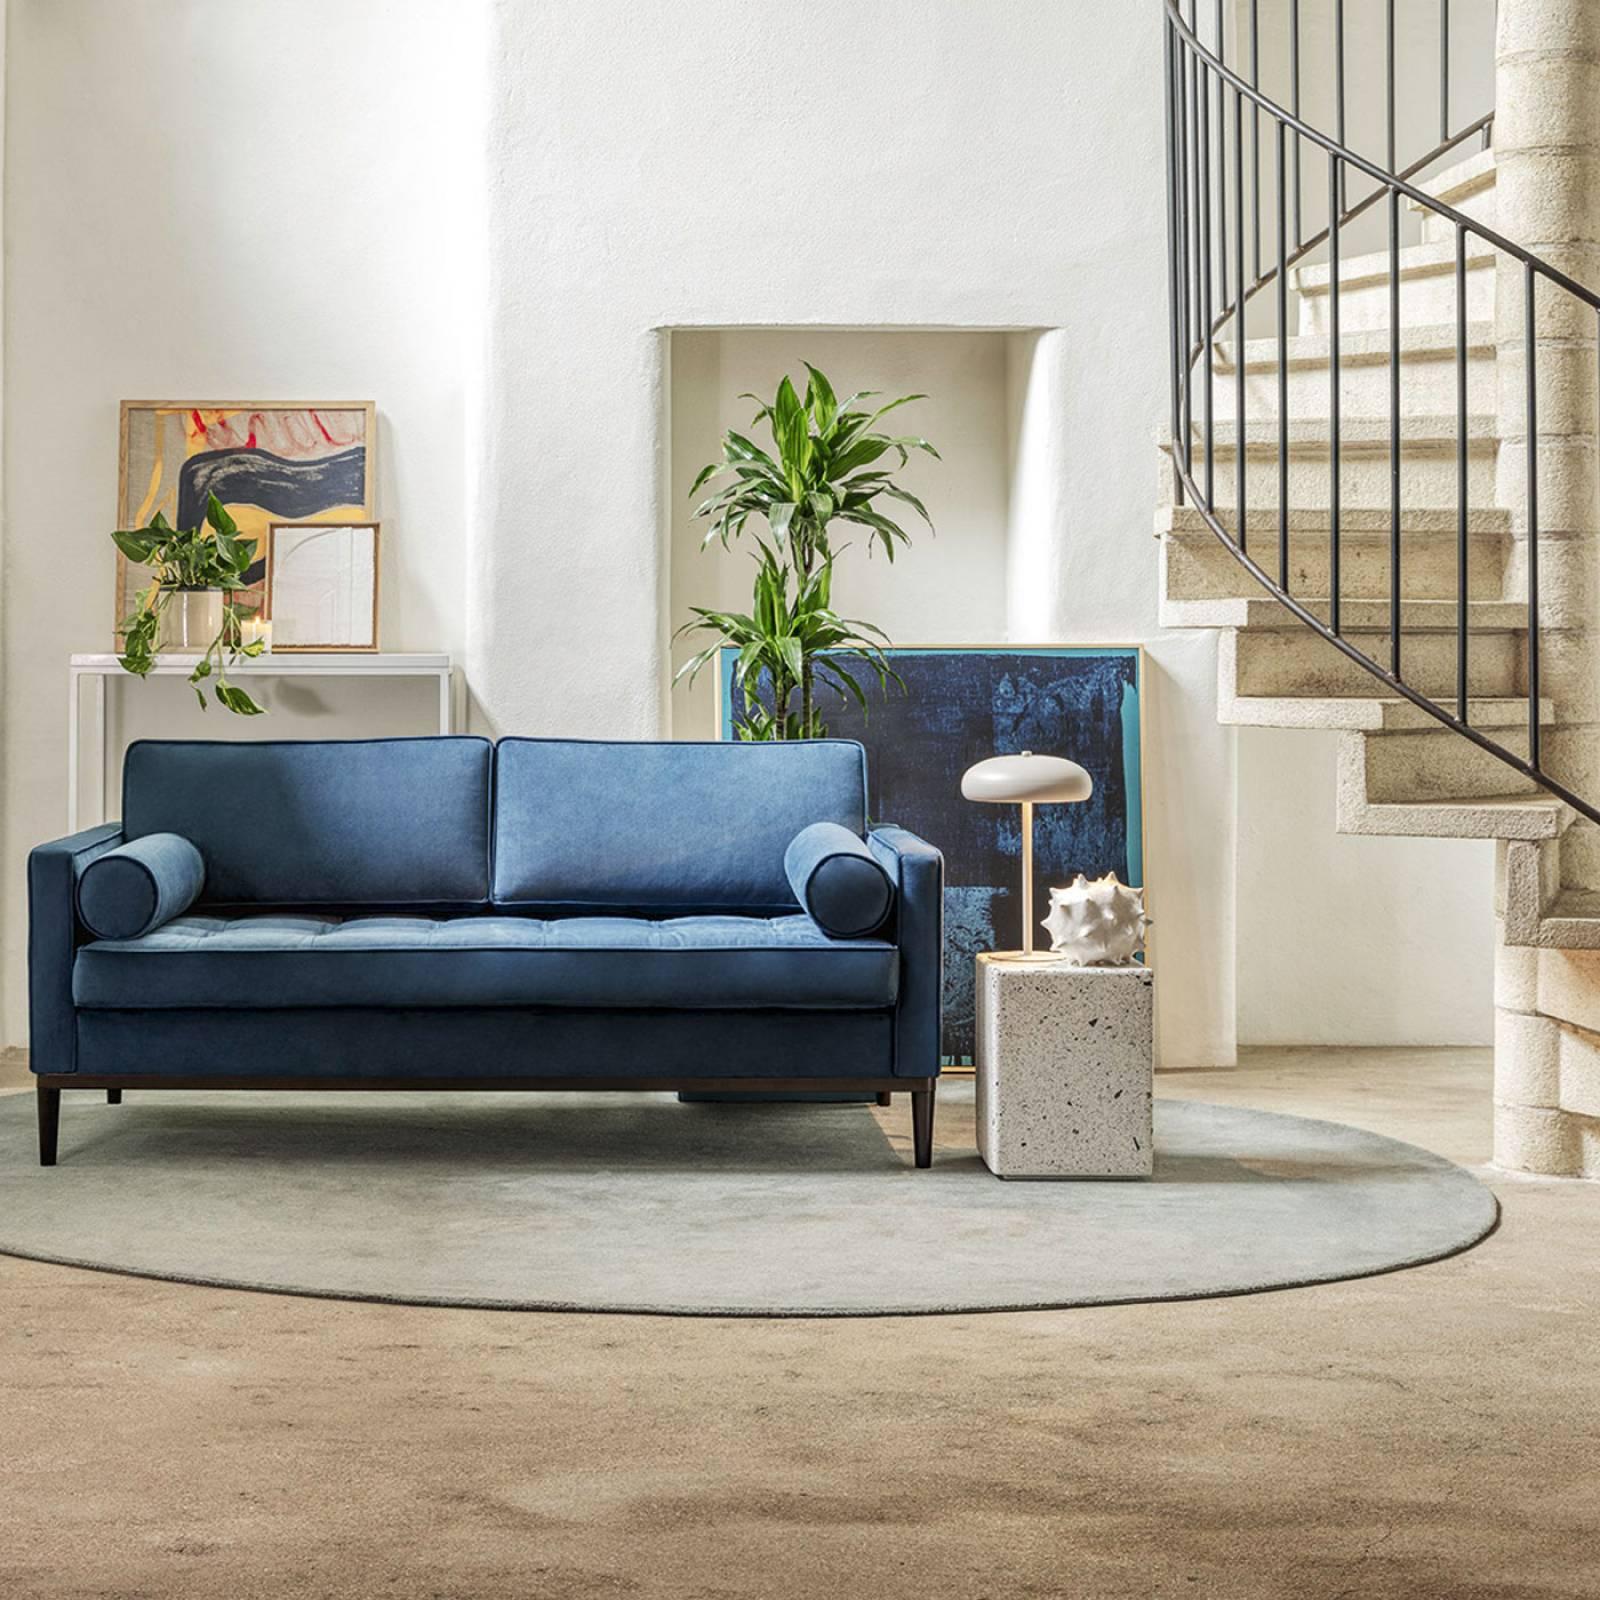 Swyft - Model 02 Velvet 3 Seater Sofa - Teal thumbnails